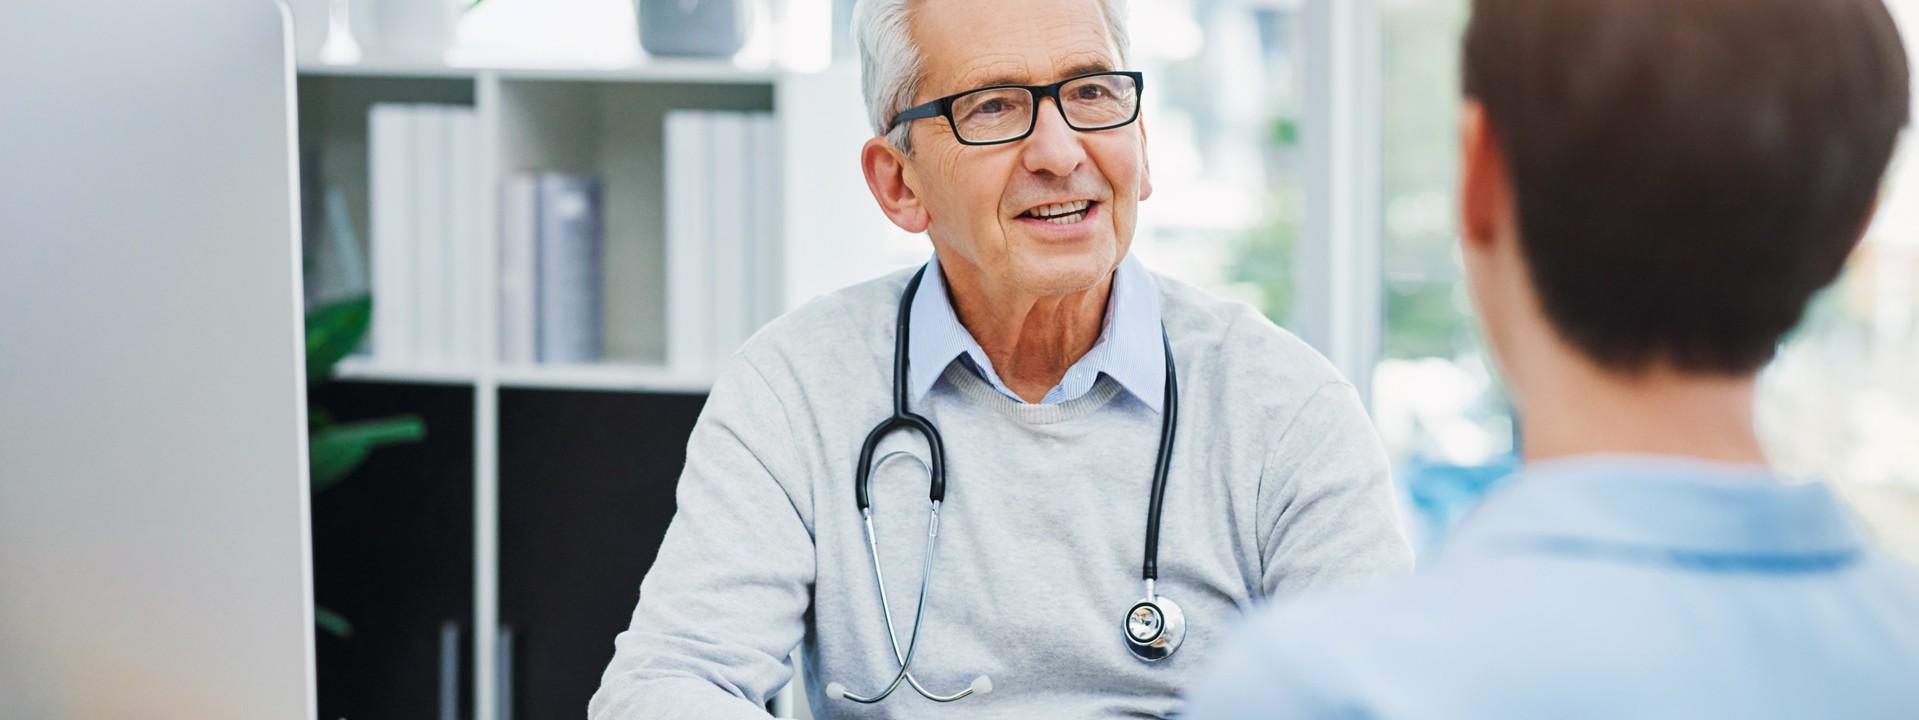 Ein etwas 60 jähriger Arzt sitzt an einem Schreibtisch und berät einen etwas 30 jährigen Patienten.